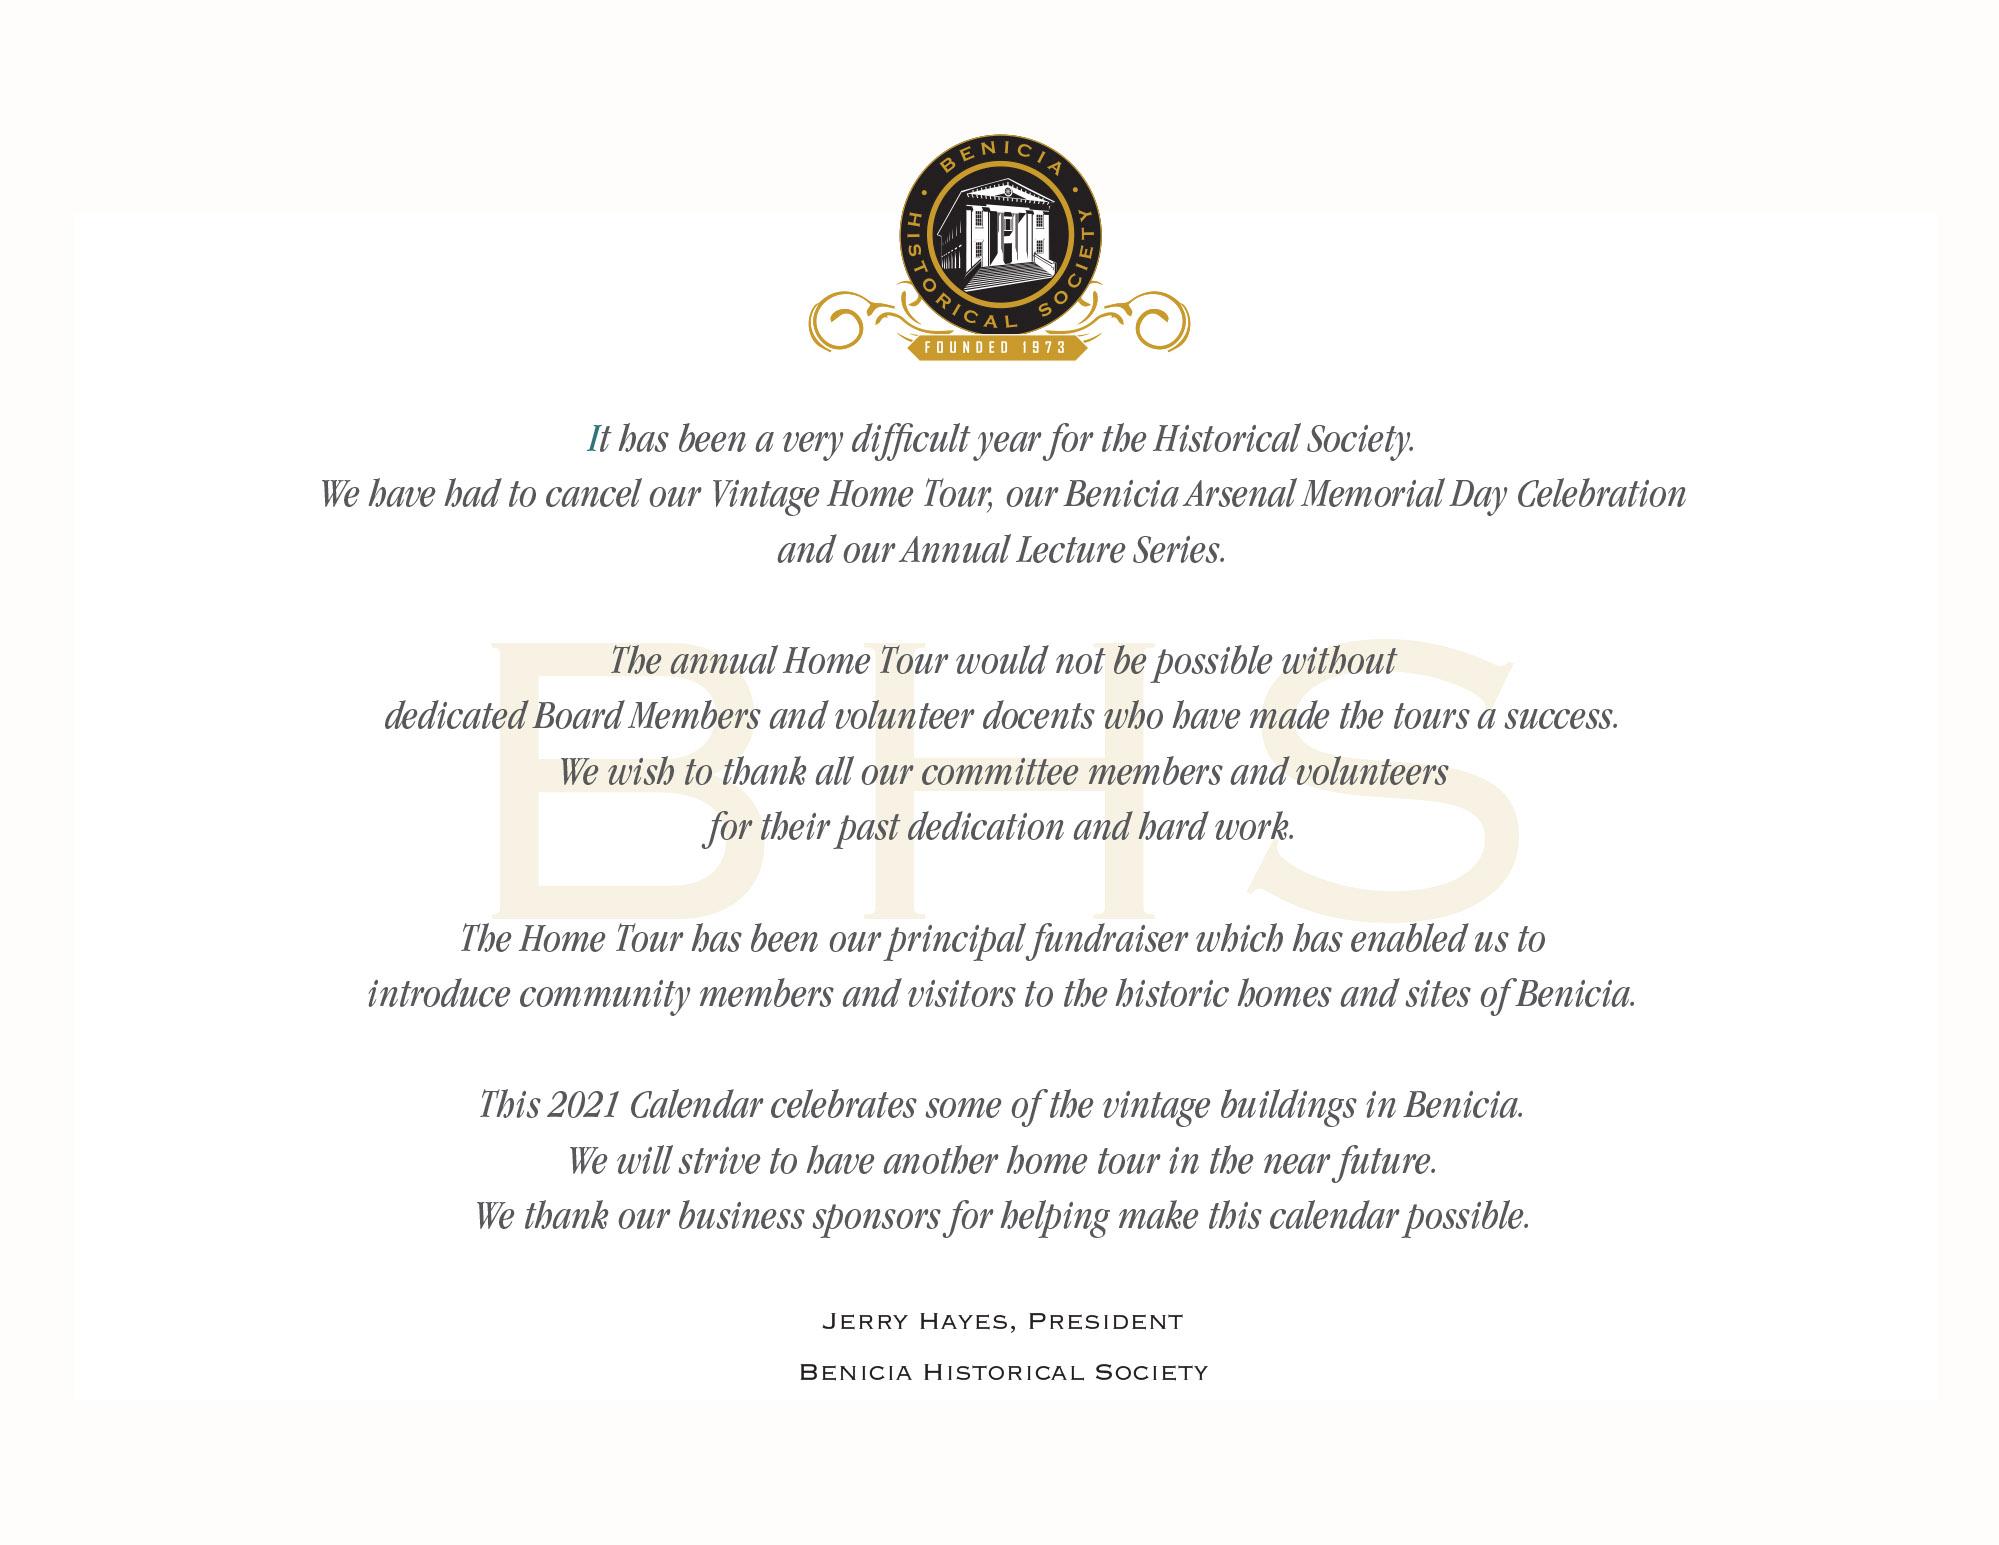 Benicia-Historical Society Calendar 2021